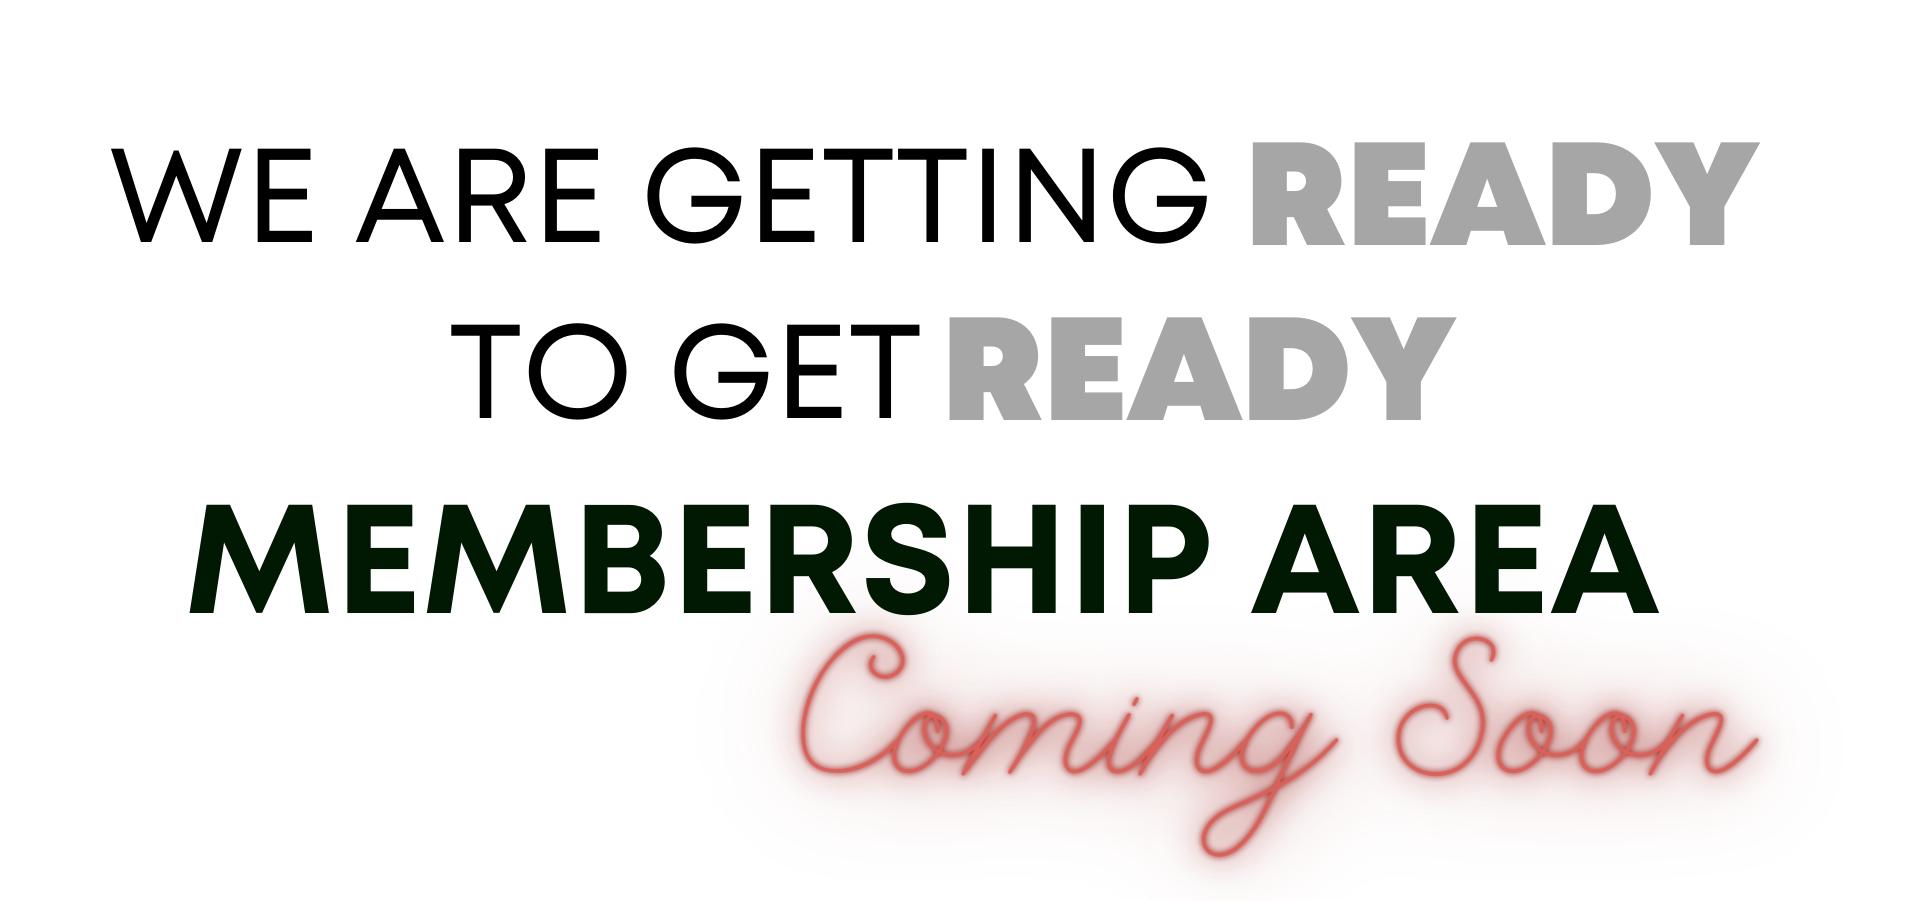 membershipareacomingsoon.png